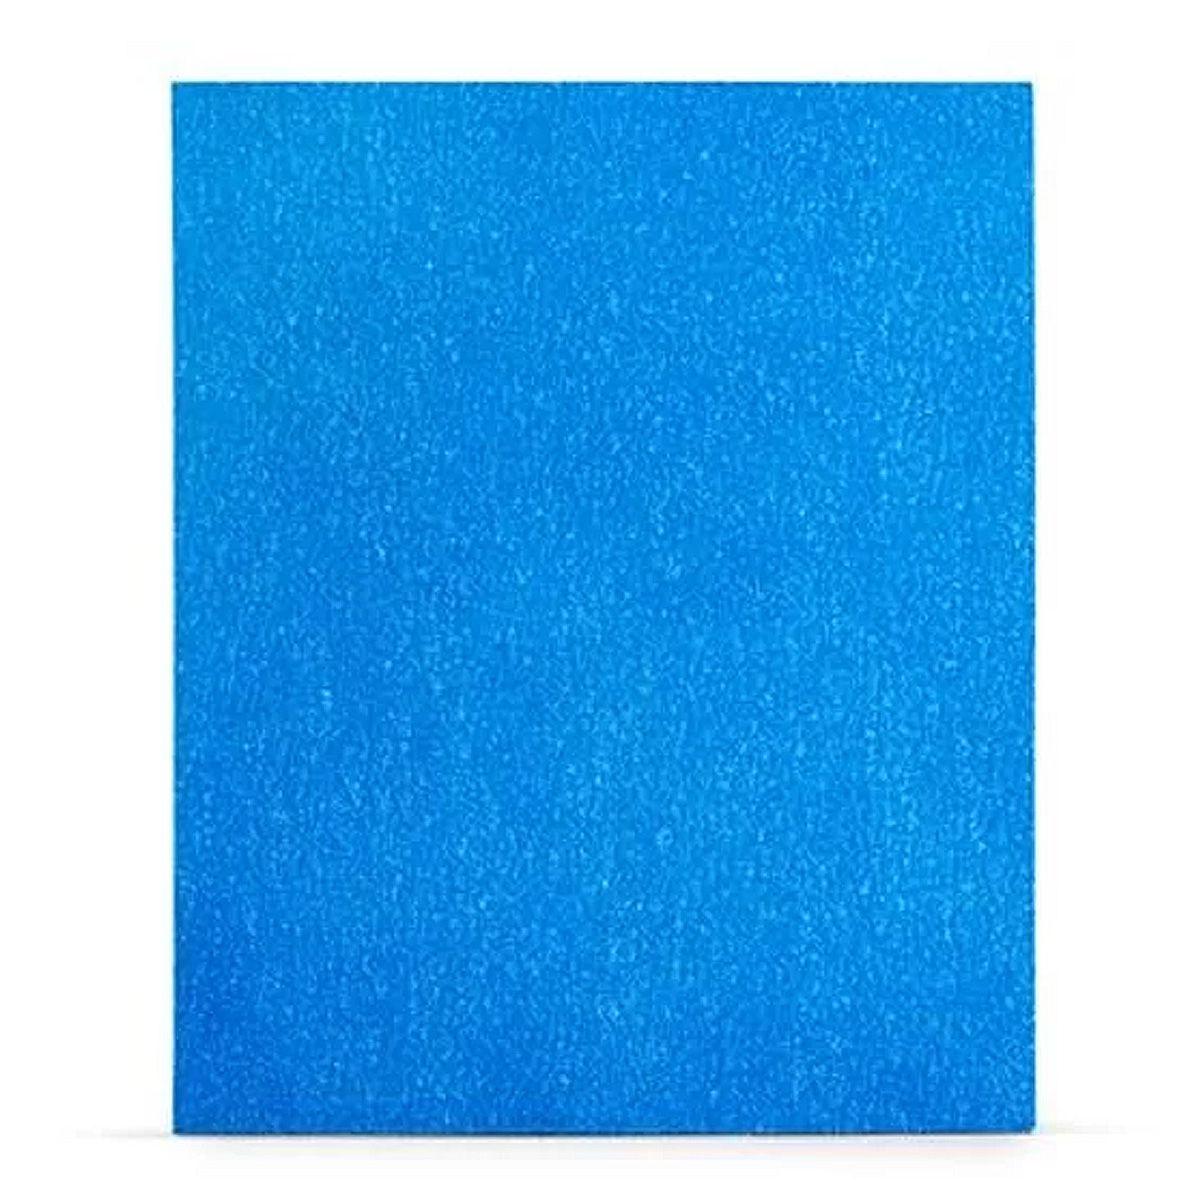 Lixa a Seco 338U Blue 120 225X275mm Unidade 3M